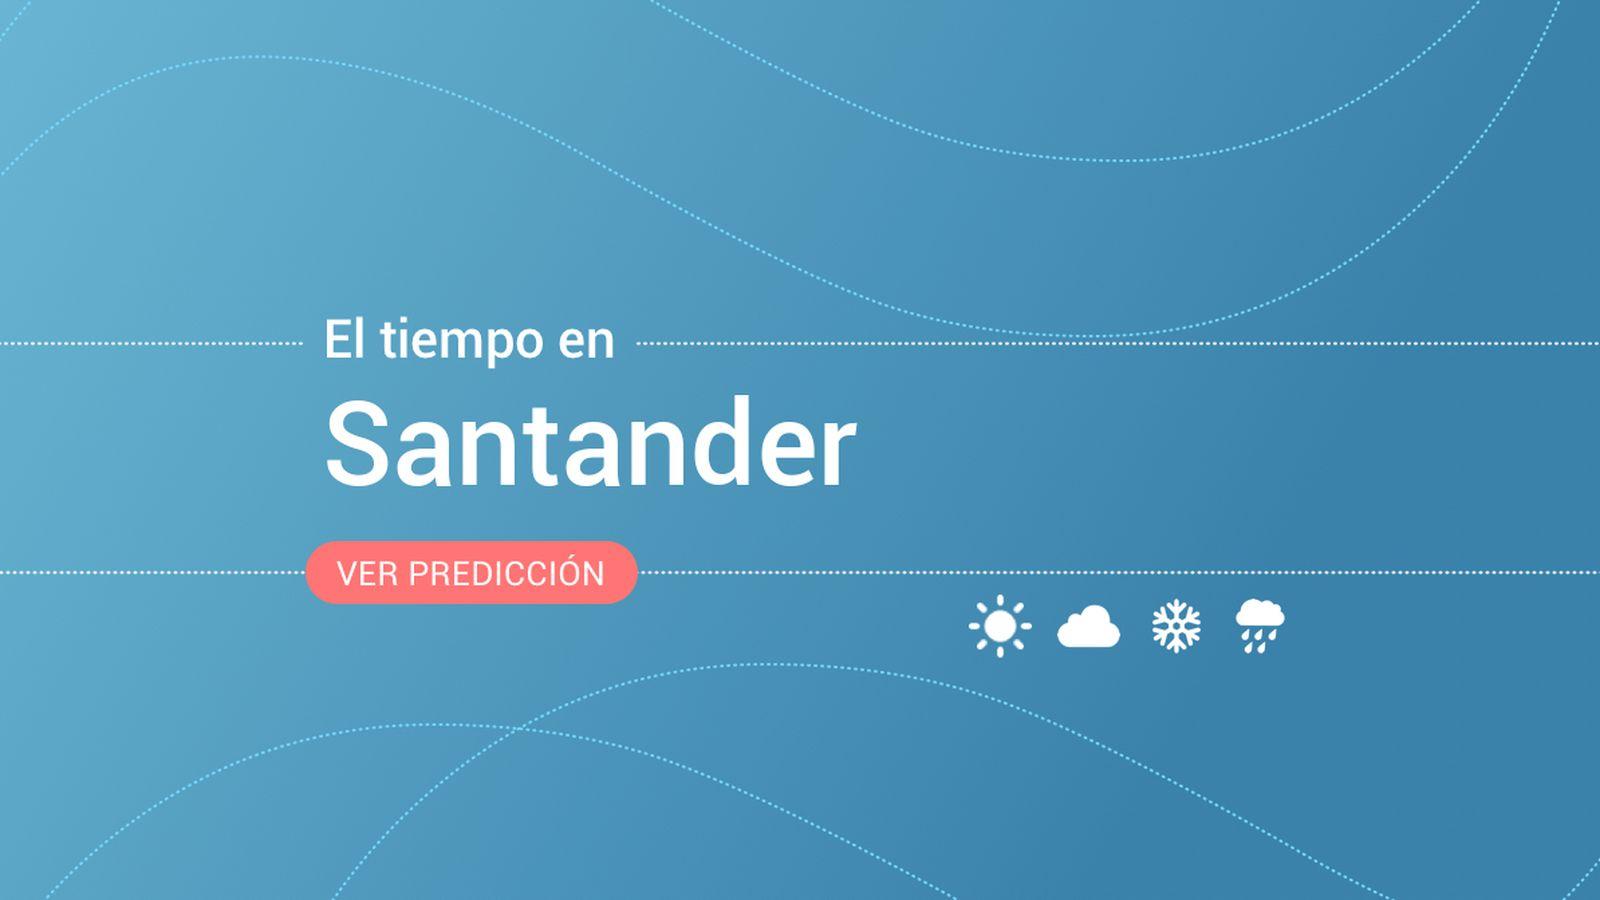 Foto: El tiempo en Santander. (EC)